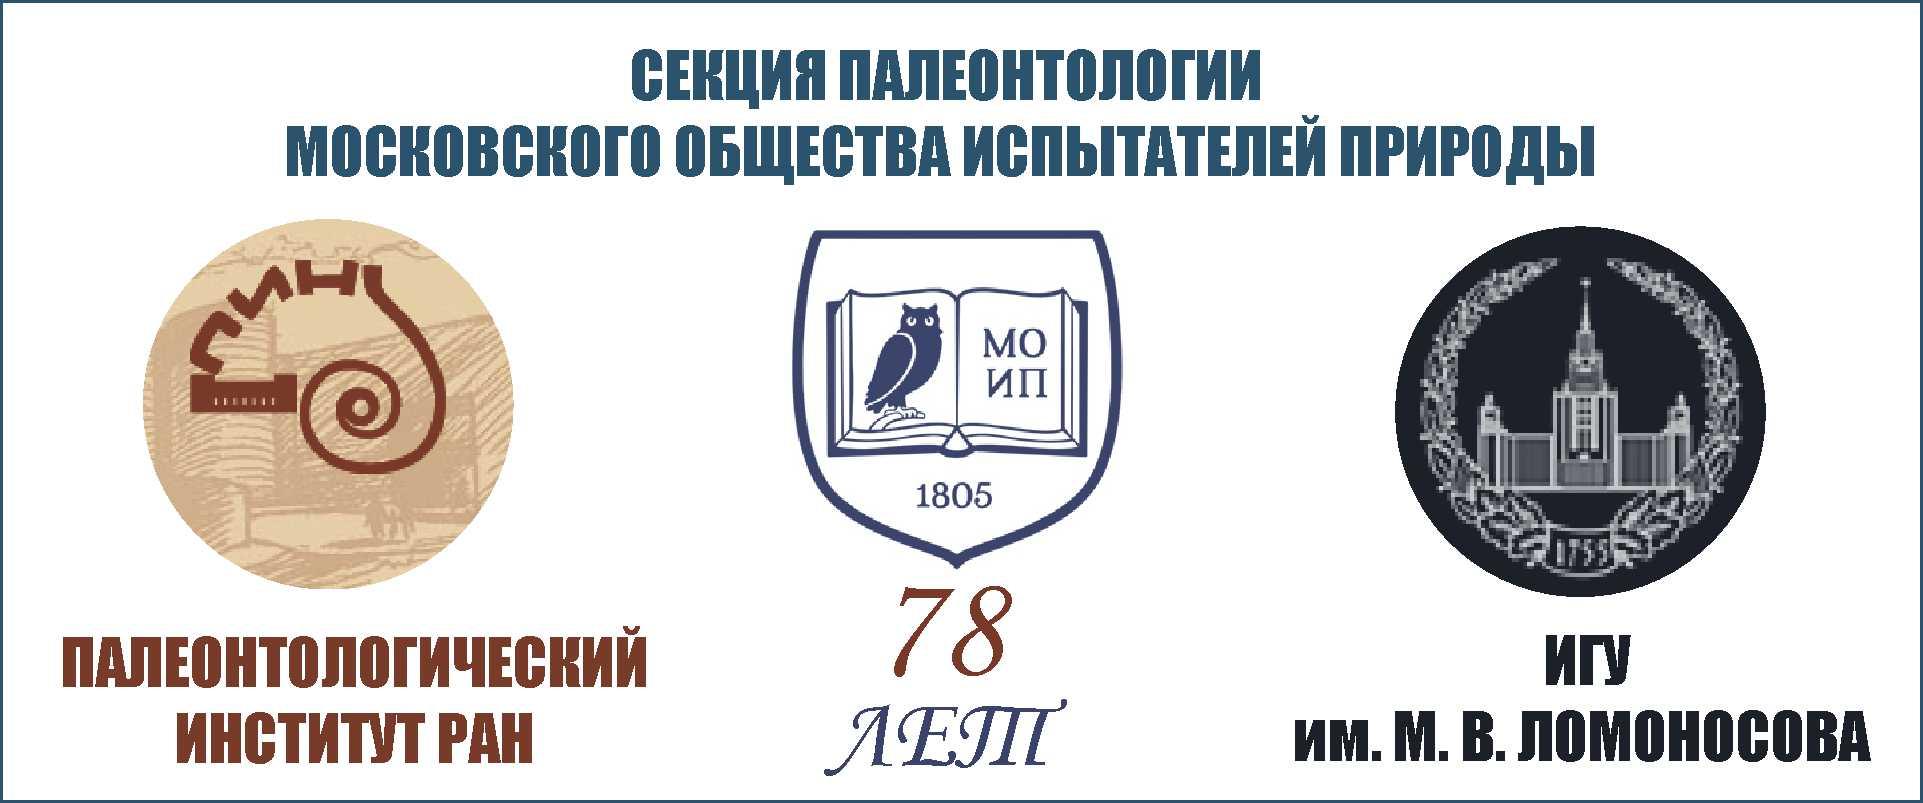 СЕКЦИЯ ПАЛЕОНТОЛОГИИ МОИП: СОСТОЯНИЕ НА КОНЕЦ 2017 г. И ЗА 78 ЛЕТ